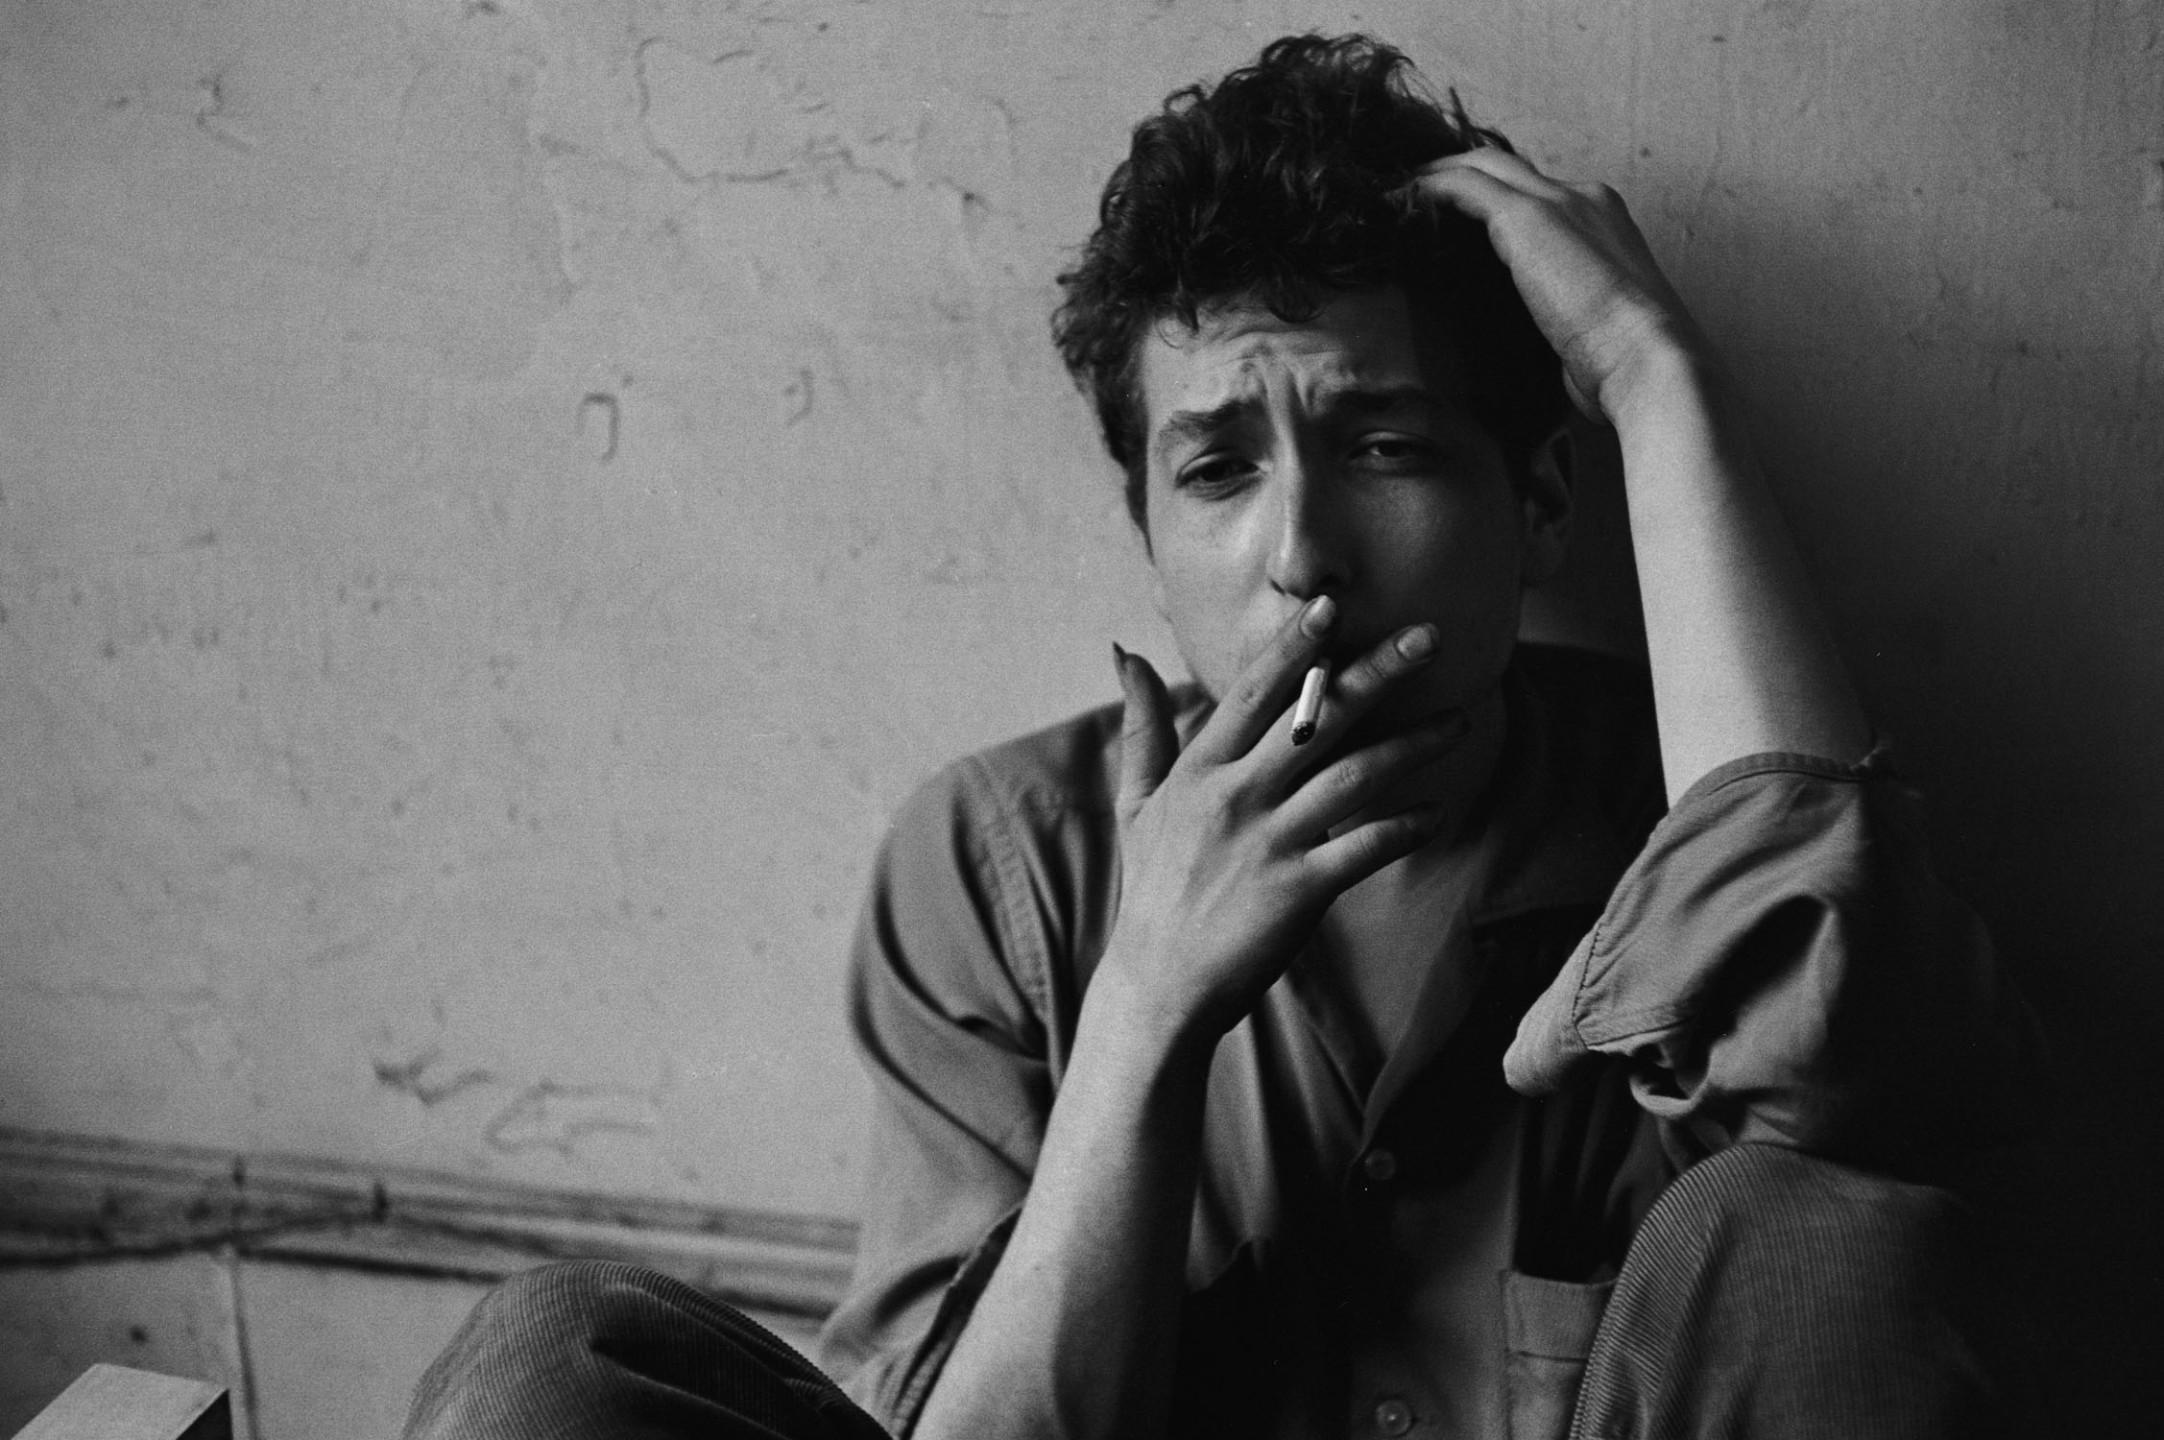 El suave sonido del mercurio salvaje:  Bob Dylan, premio Nobel